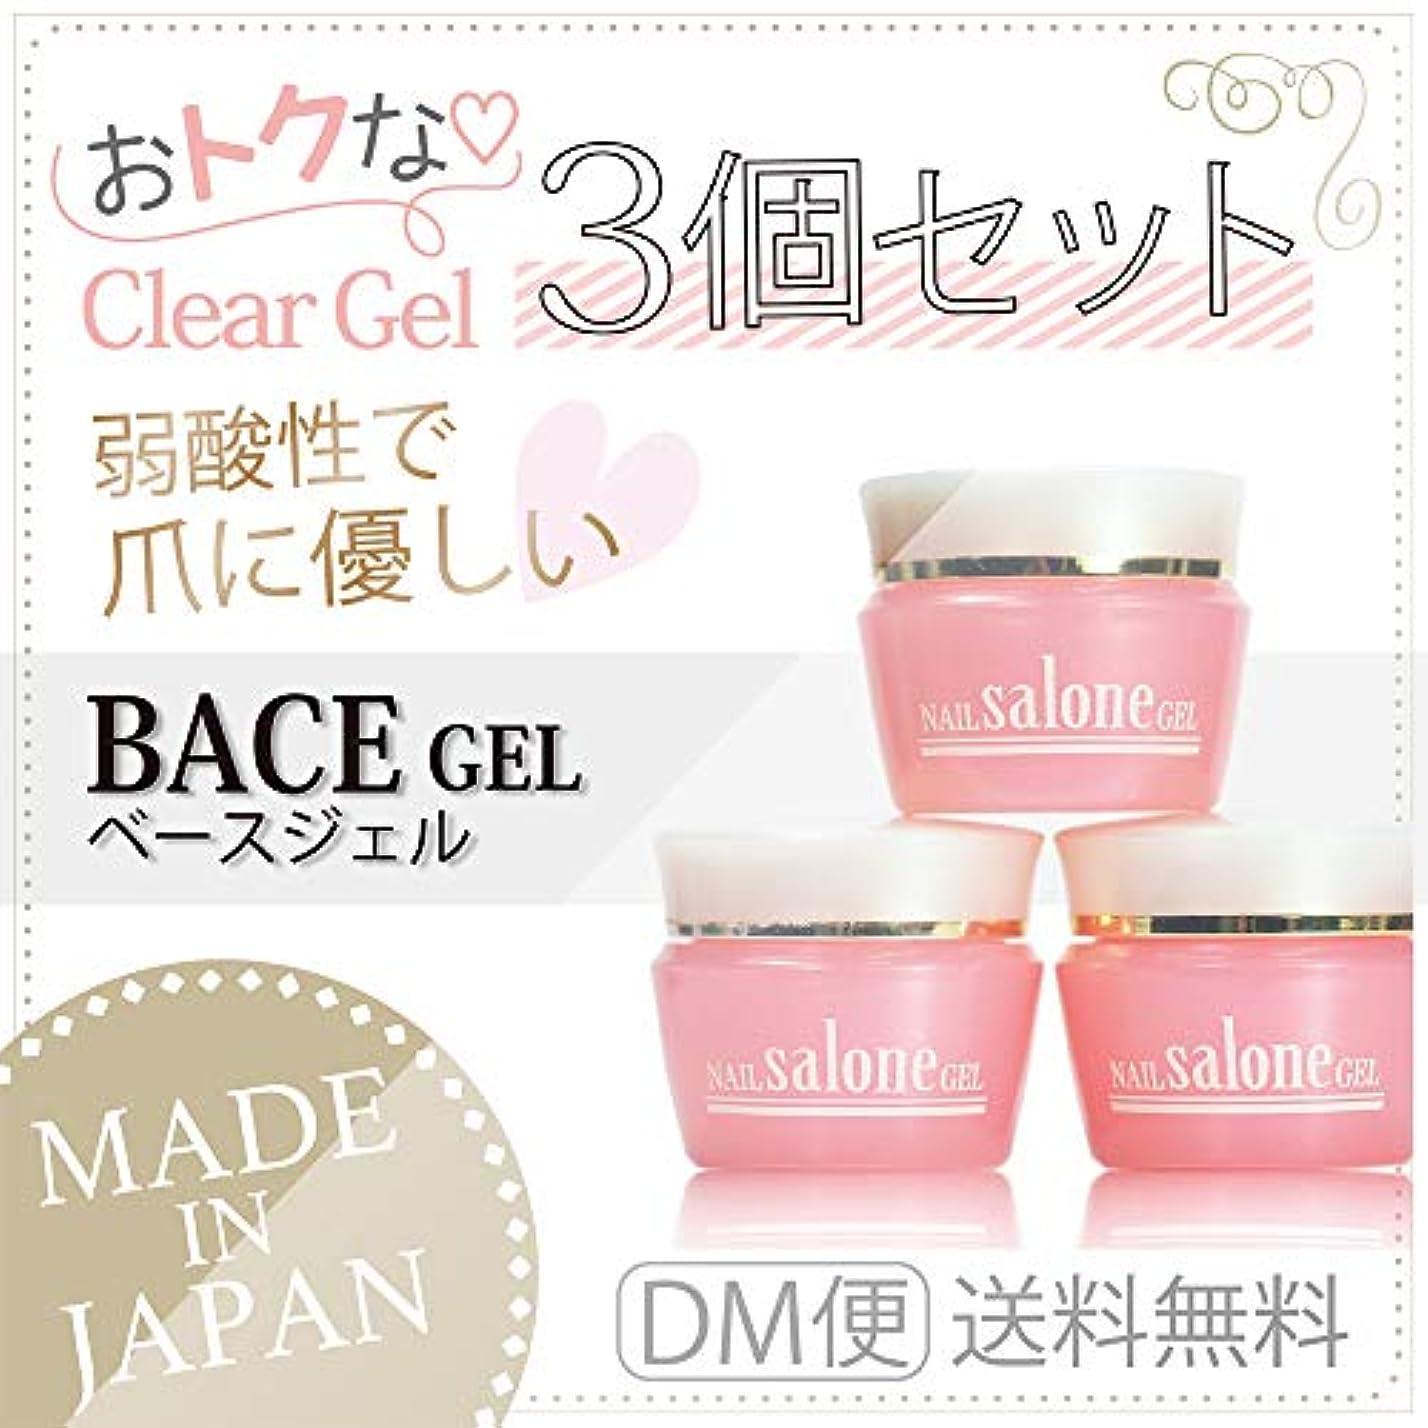 持ってるメナジェリーランクSalone gel サローネ ベースジェル お得な3個セット 爪に優しい 日本製 驚きの密着力 リムーバーでオフも簡単3g